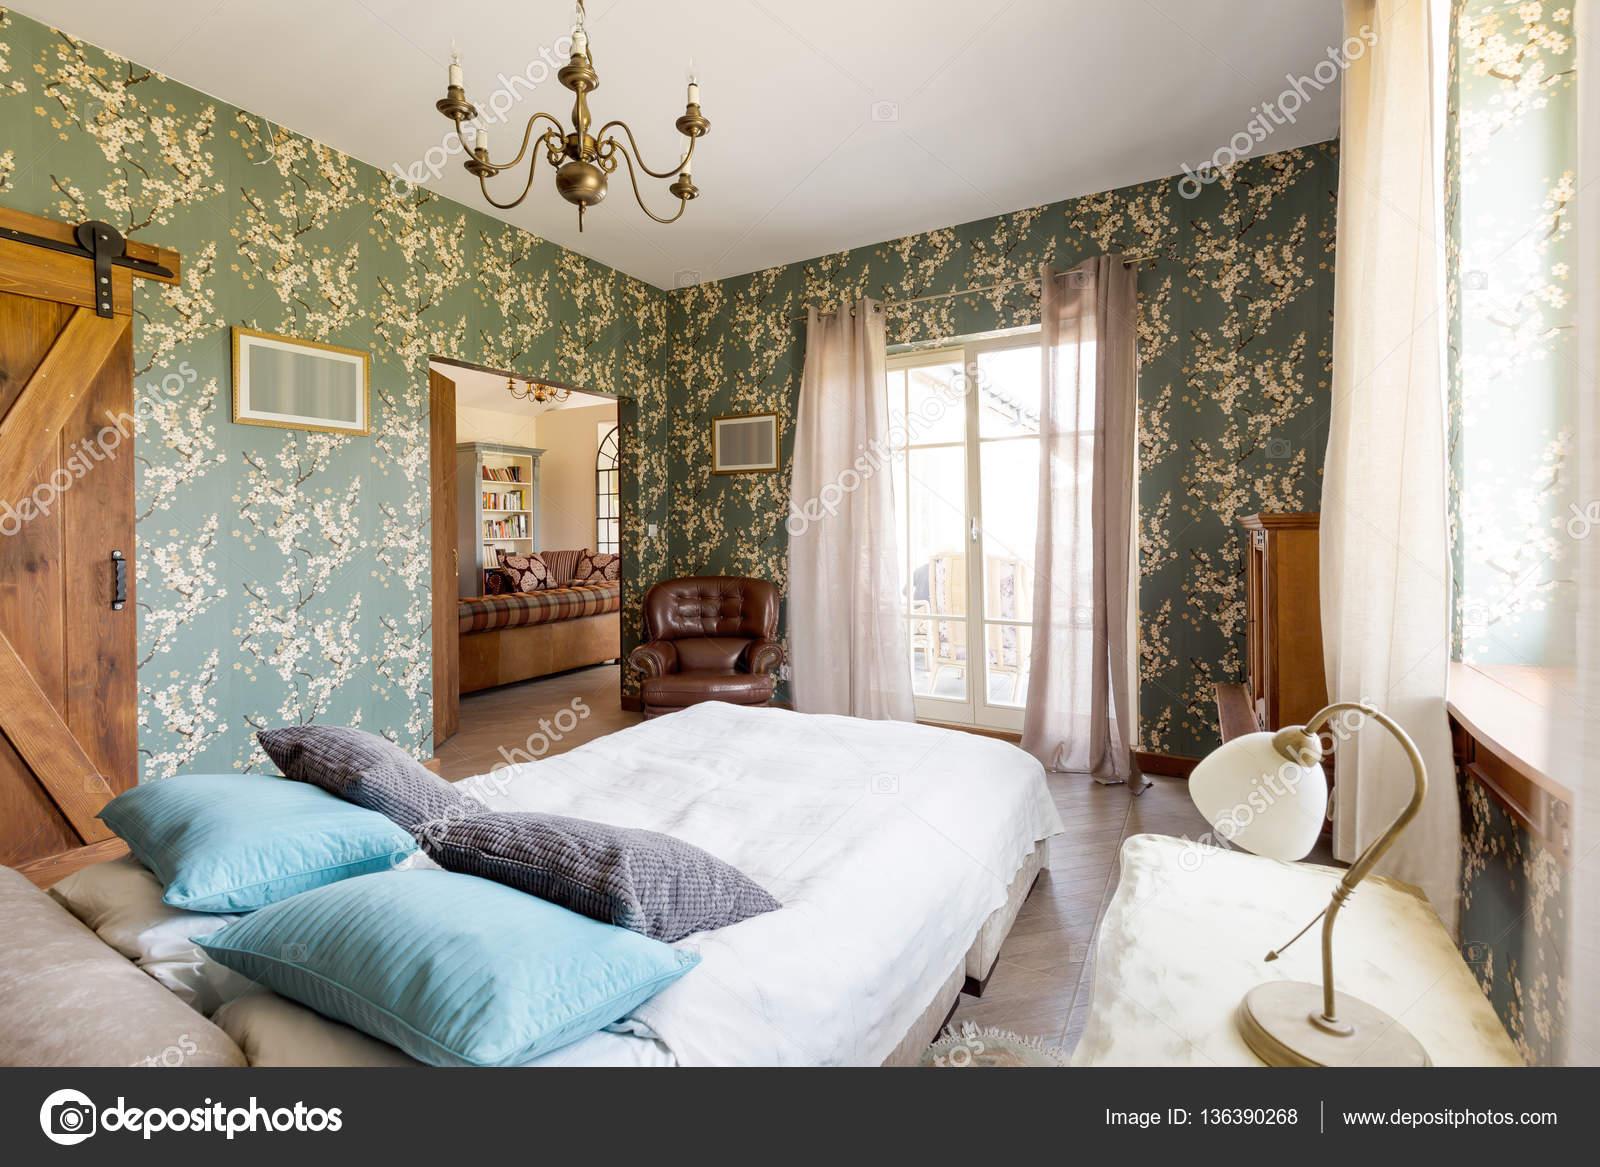 rustic elegant bedroom designs. Bed In Rustic Elegant Bedroom \u2014 Stock Photo Designs